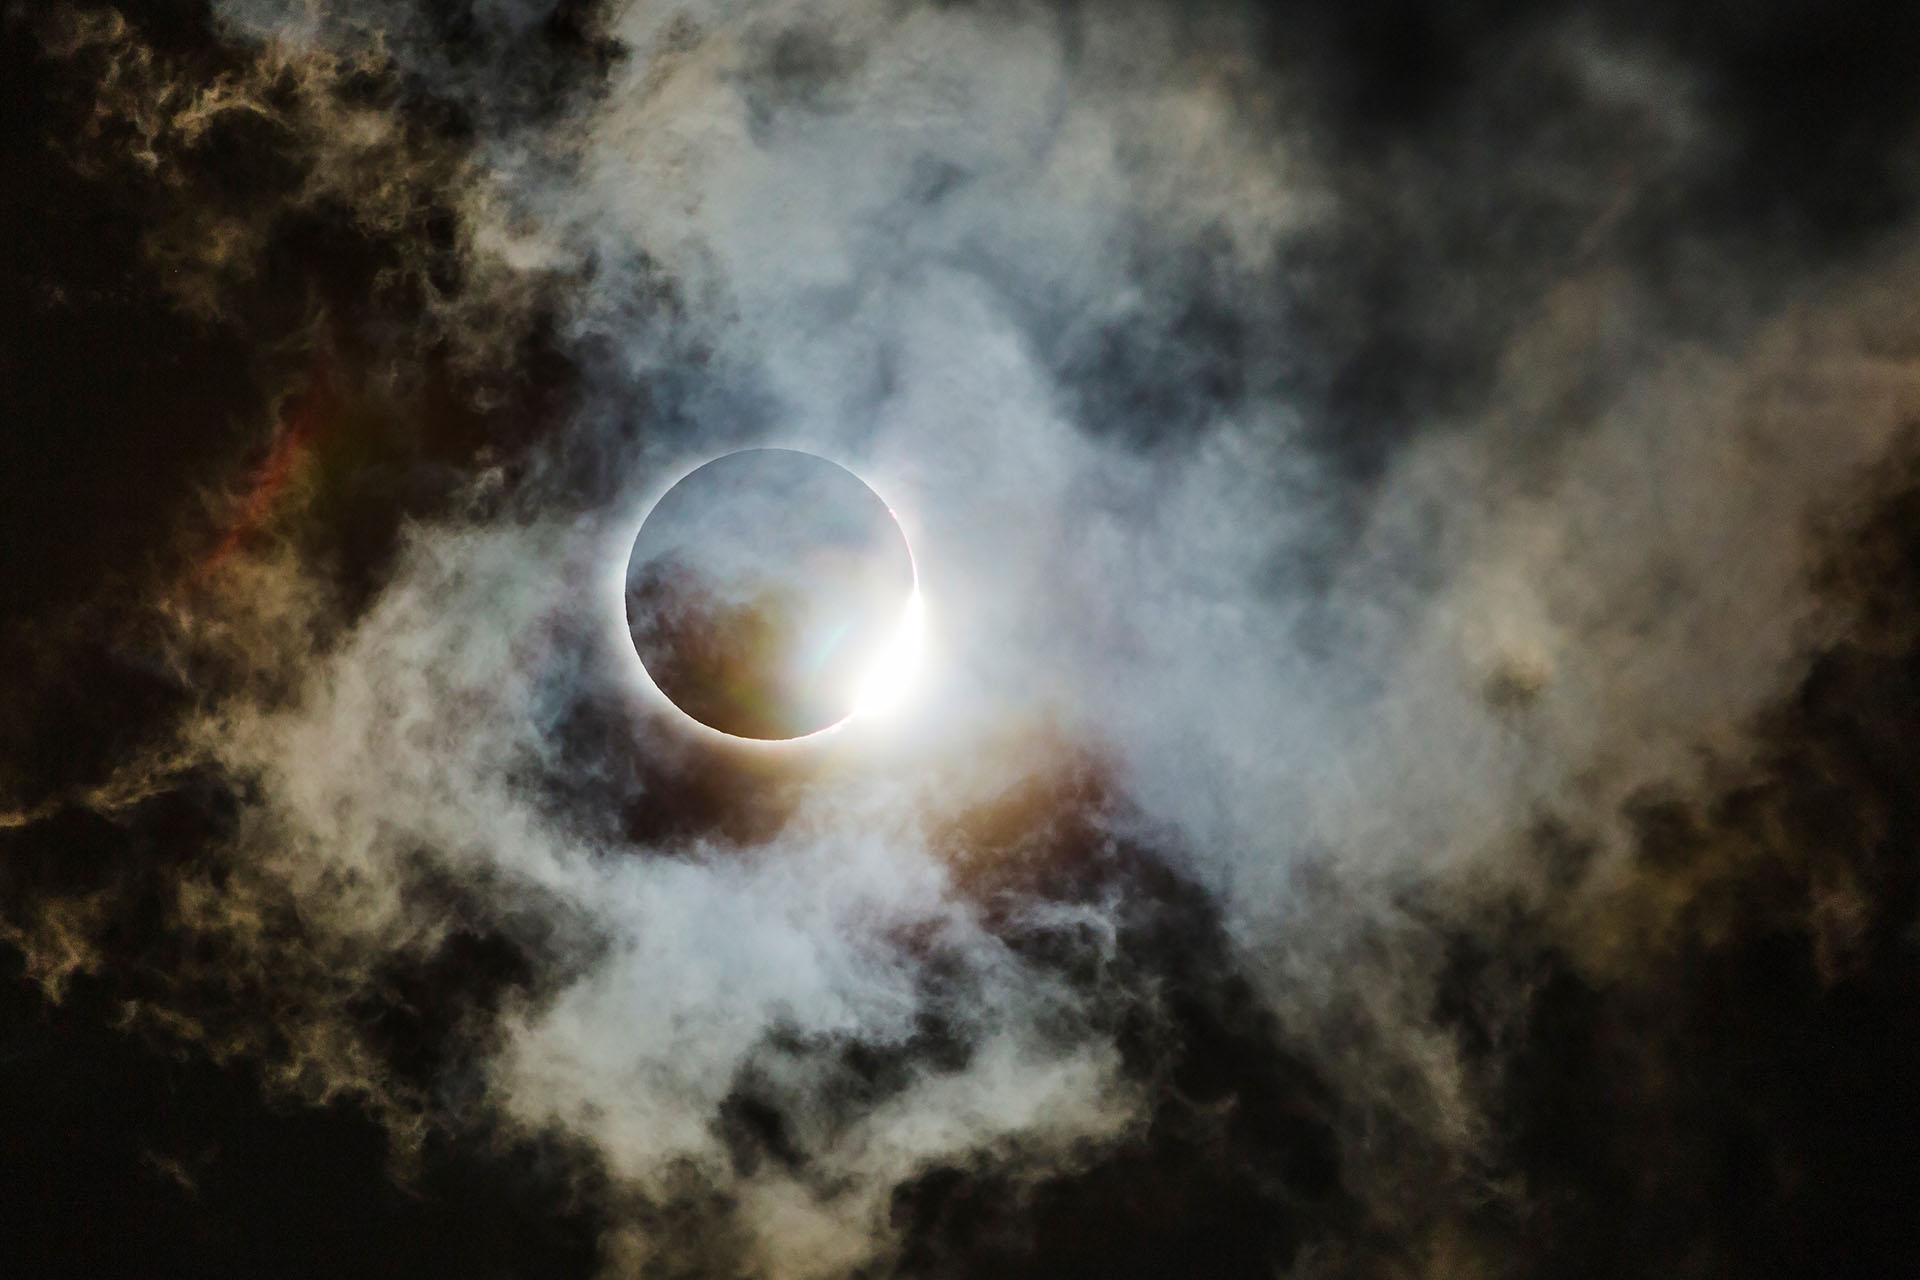 """Finalista en categoría Astronomía. """"Anillo de diamante a través de nubes delgadas"""", por Wei-Feng Xue. El eclipse estadounidense de 2017 visto desde la ruta que atraviesa el norte de Georgia. Este es el anillo de diamantes que ilumina algunas estructuras de nubes muy finas, casi como nubes espaciales (es decir, una nebulosa). También en la foto, la corona solar se atenuó un poco por las nubes finas, pero aún era visible. Esta foto fue tomada con una cámara réflex digital Canon EOS 6D con un extensor Canon EF 70-200mm + 2x a 400 mm, y se procesó con Photoshop CC"""